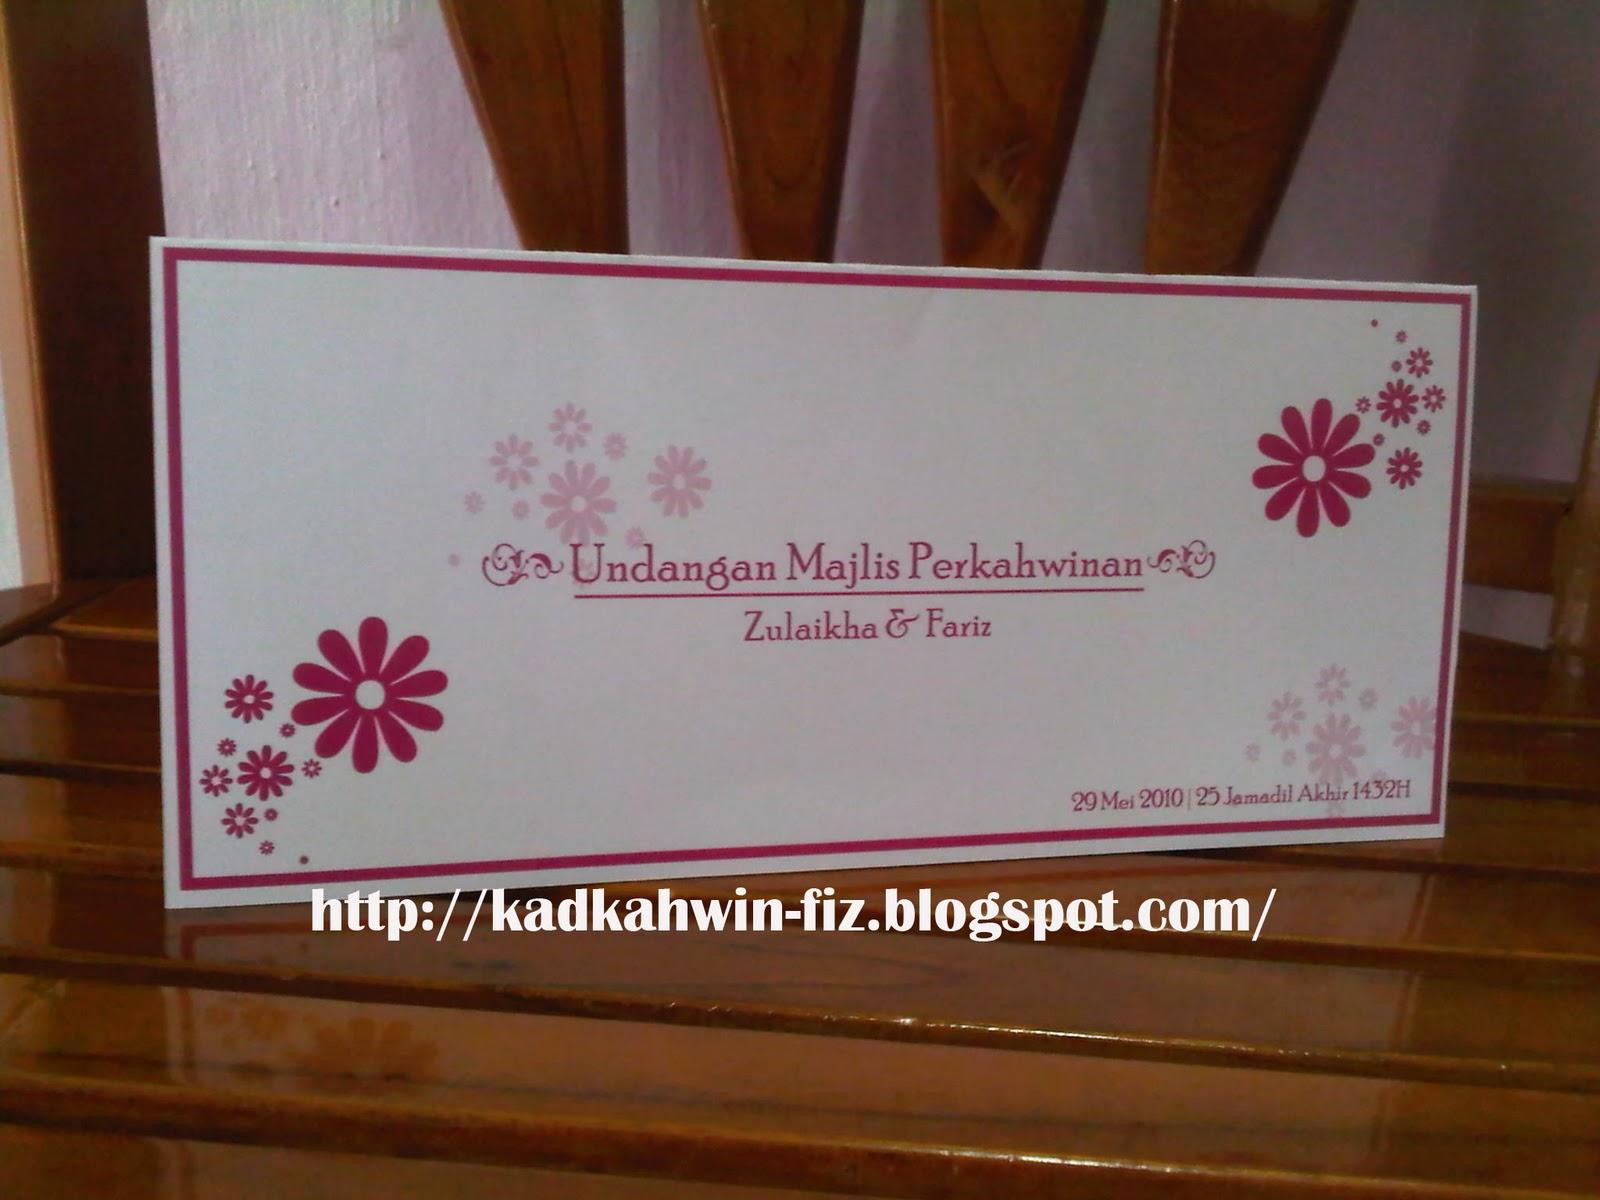 http://1.bp.blogspot.com/_FFUg5JPHcvA/TU_TABRwWSI/AAAAAAAAAtc/zCuTdIuuS3M/s1600/IMG00700-20110207-1858.jpg